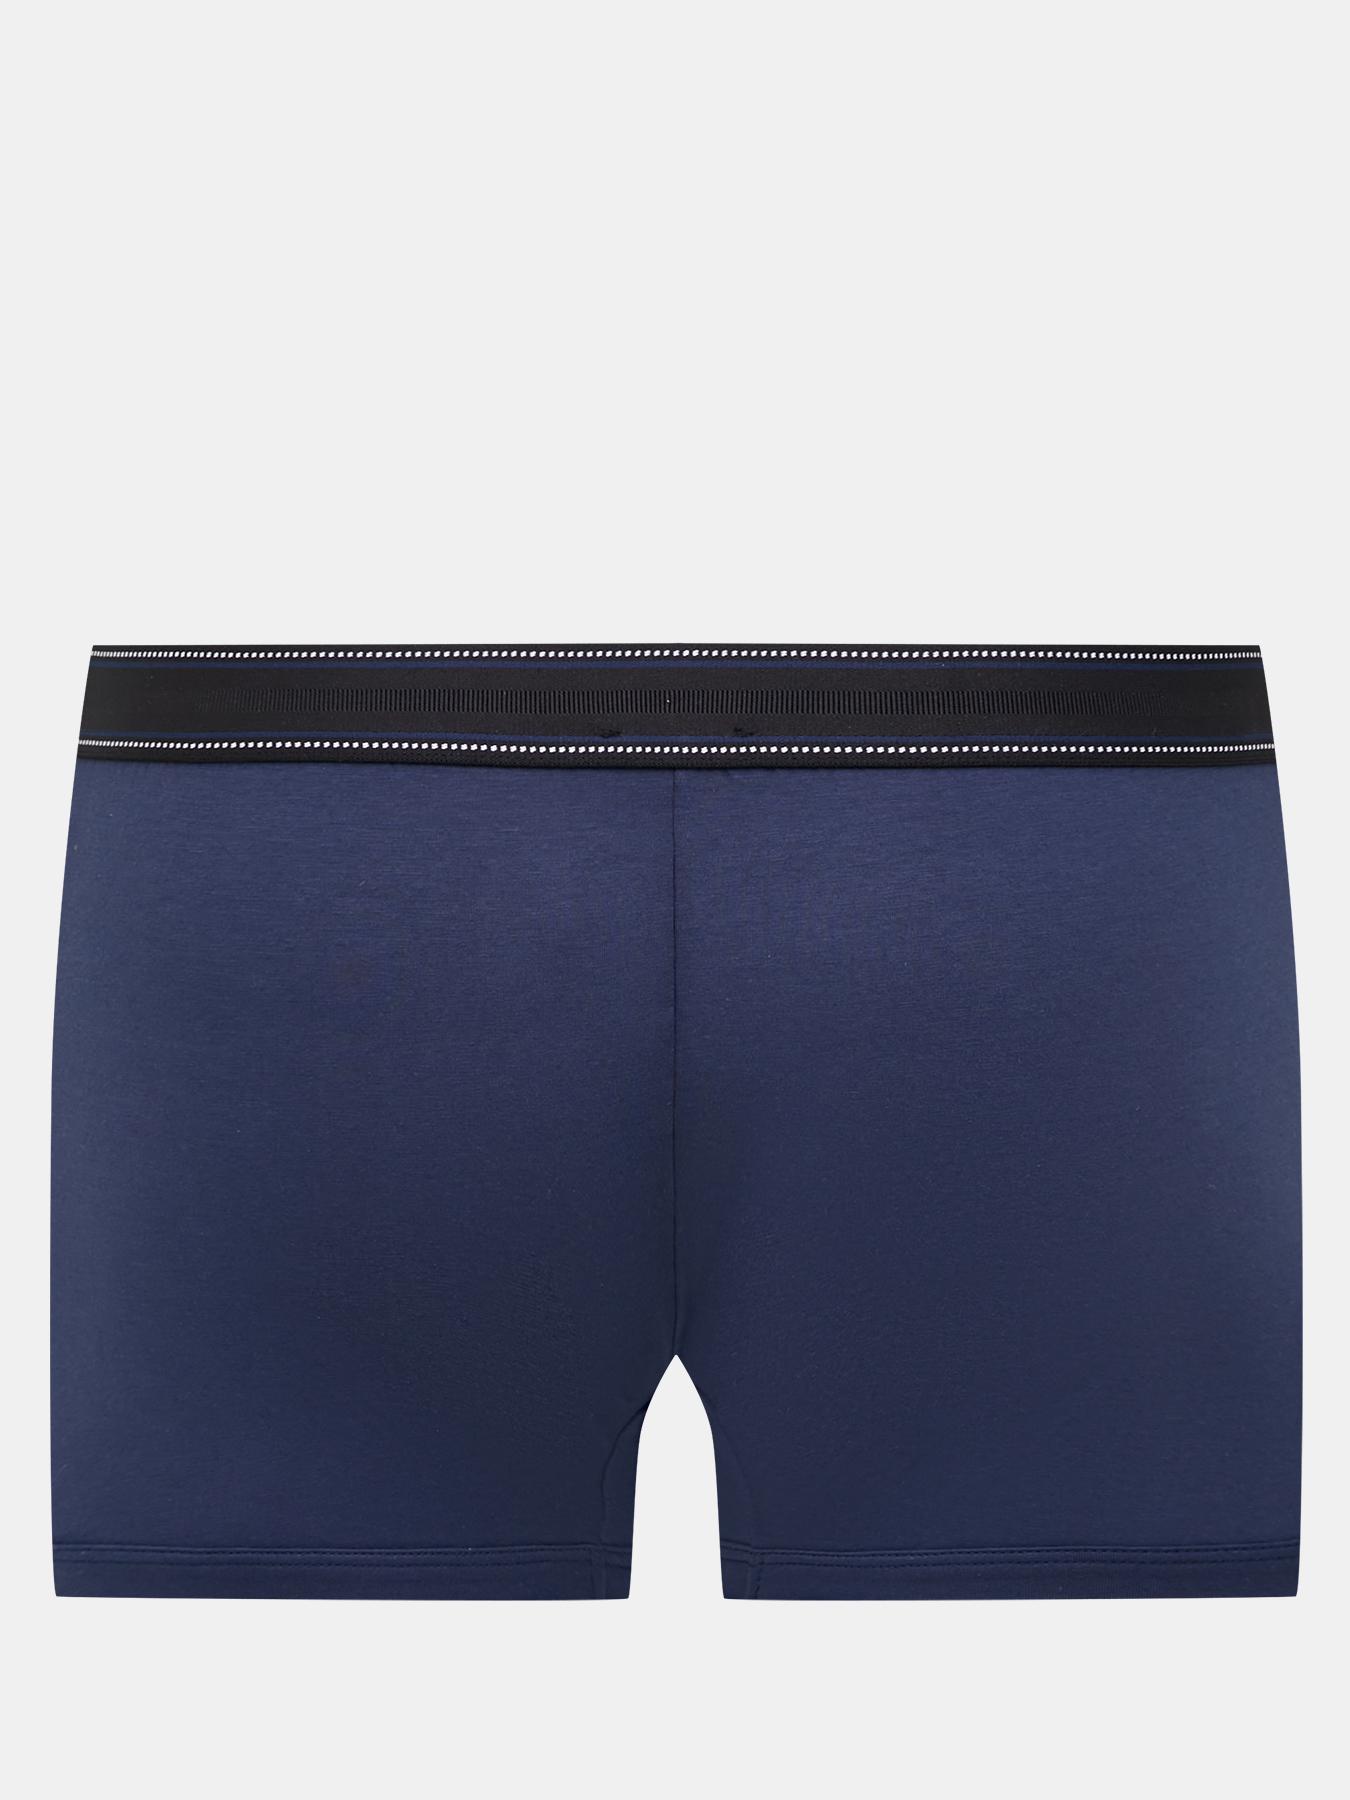 Трусы D&G Underwear Боксеры